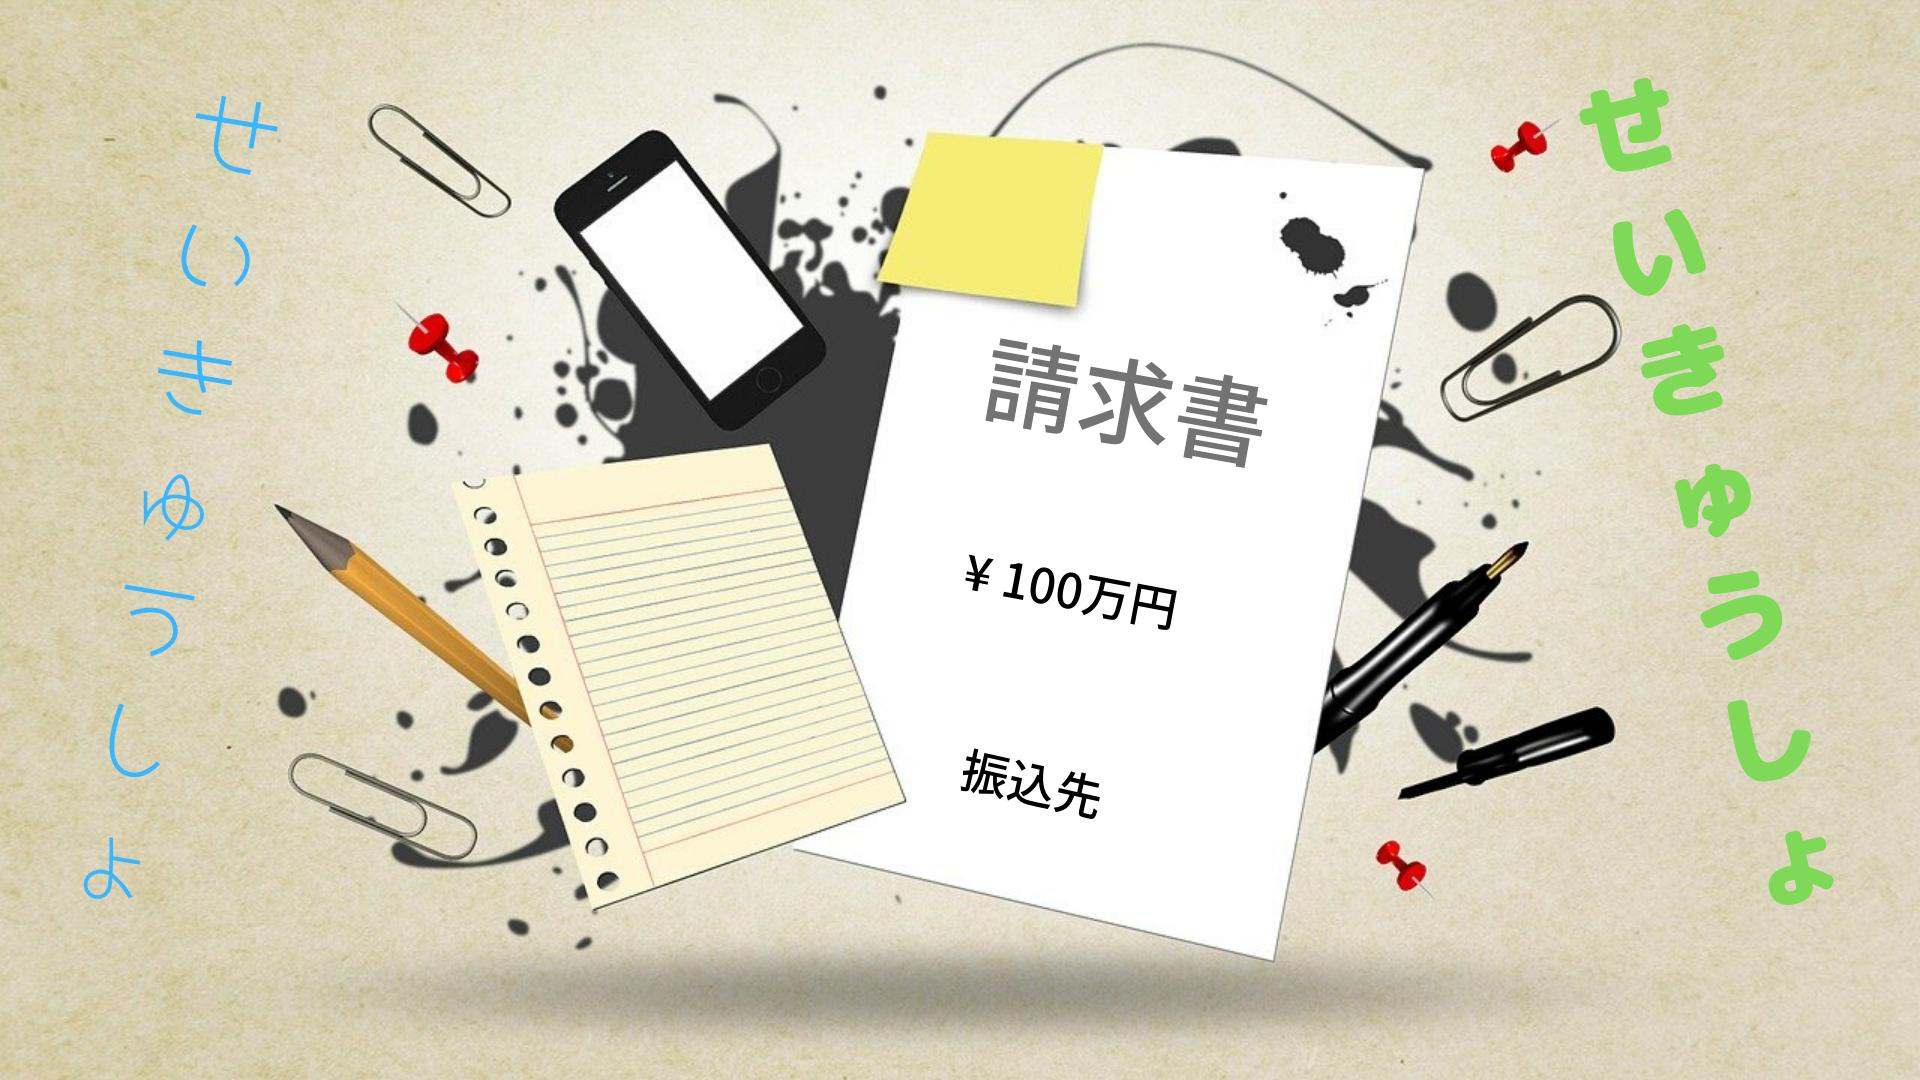 10分で分かる請求書の作り方|webライターの納品後【体験談】